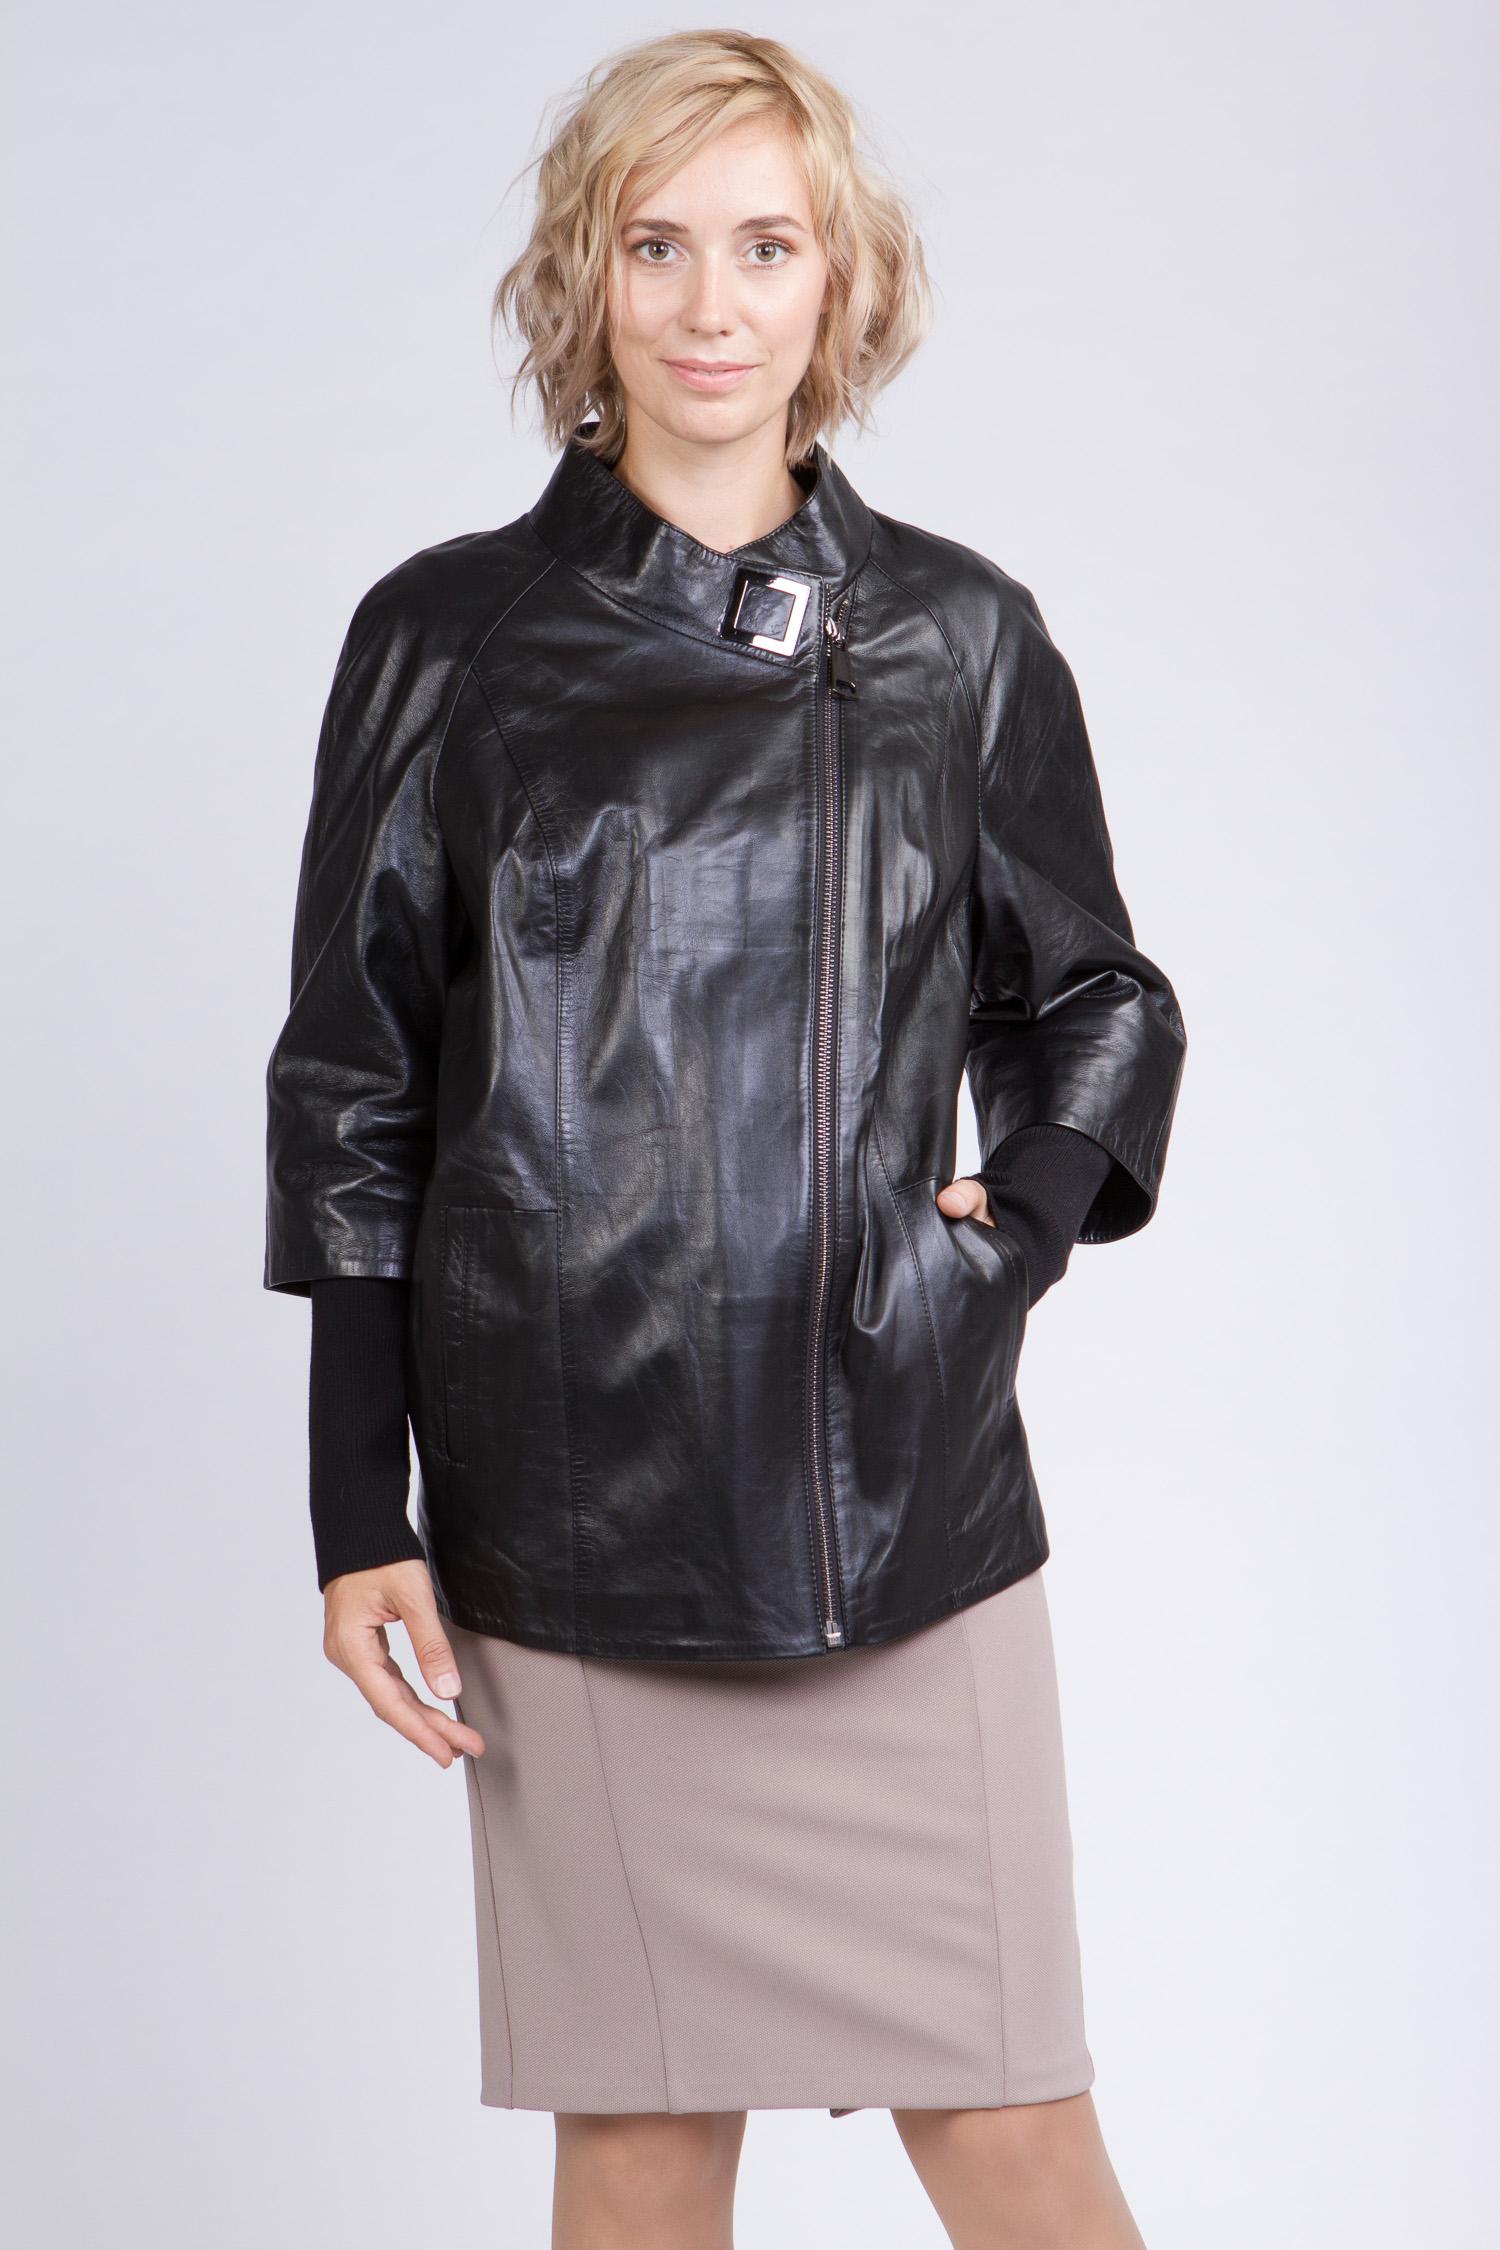 МОСМЕХА женская обувь на плоской подошве 2015